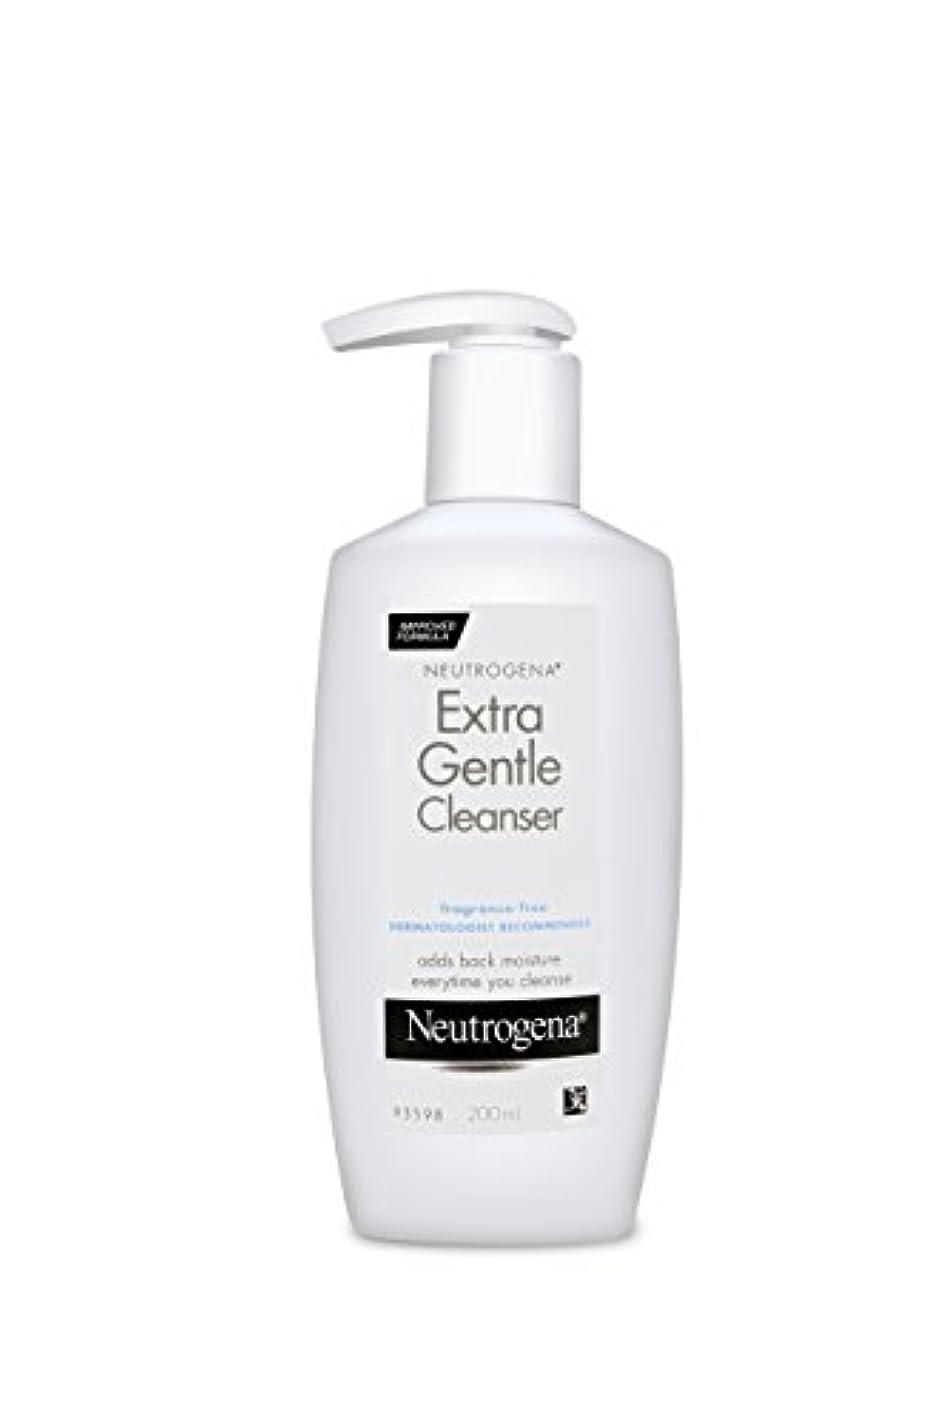 ヒロインアルネお嬢Neutrogena Extra Gentle Cleanser 200 ml (並行輸入品)